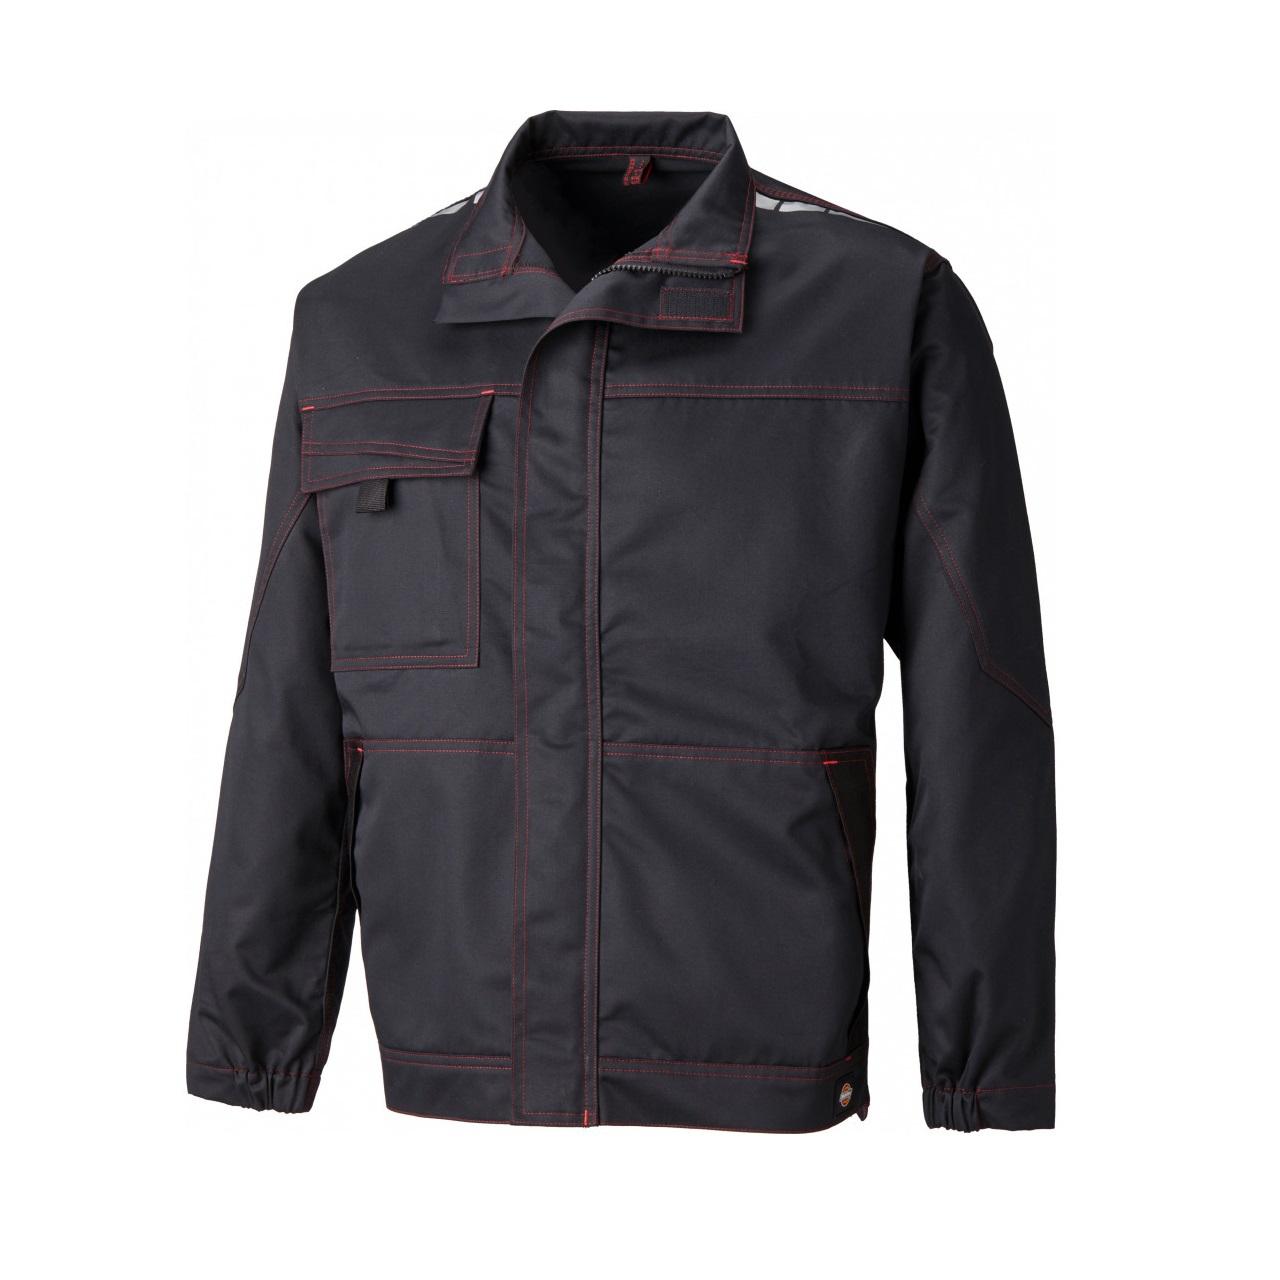 dickies veste de travail lakemont couleur et taille au choix distriartisan. Black Bedroom Furniture Sets. Home Design Ideas